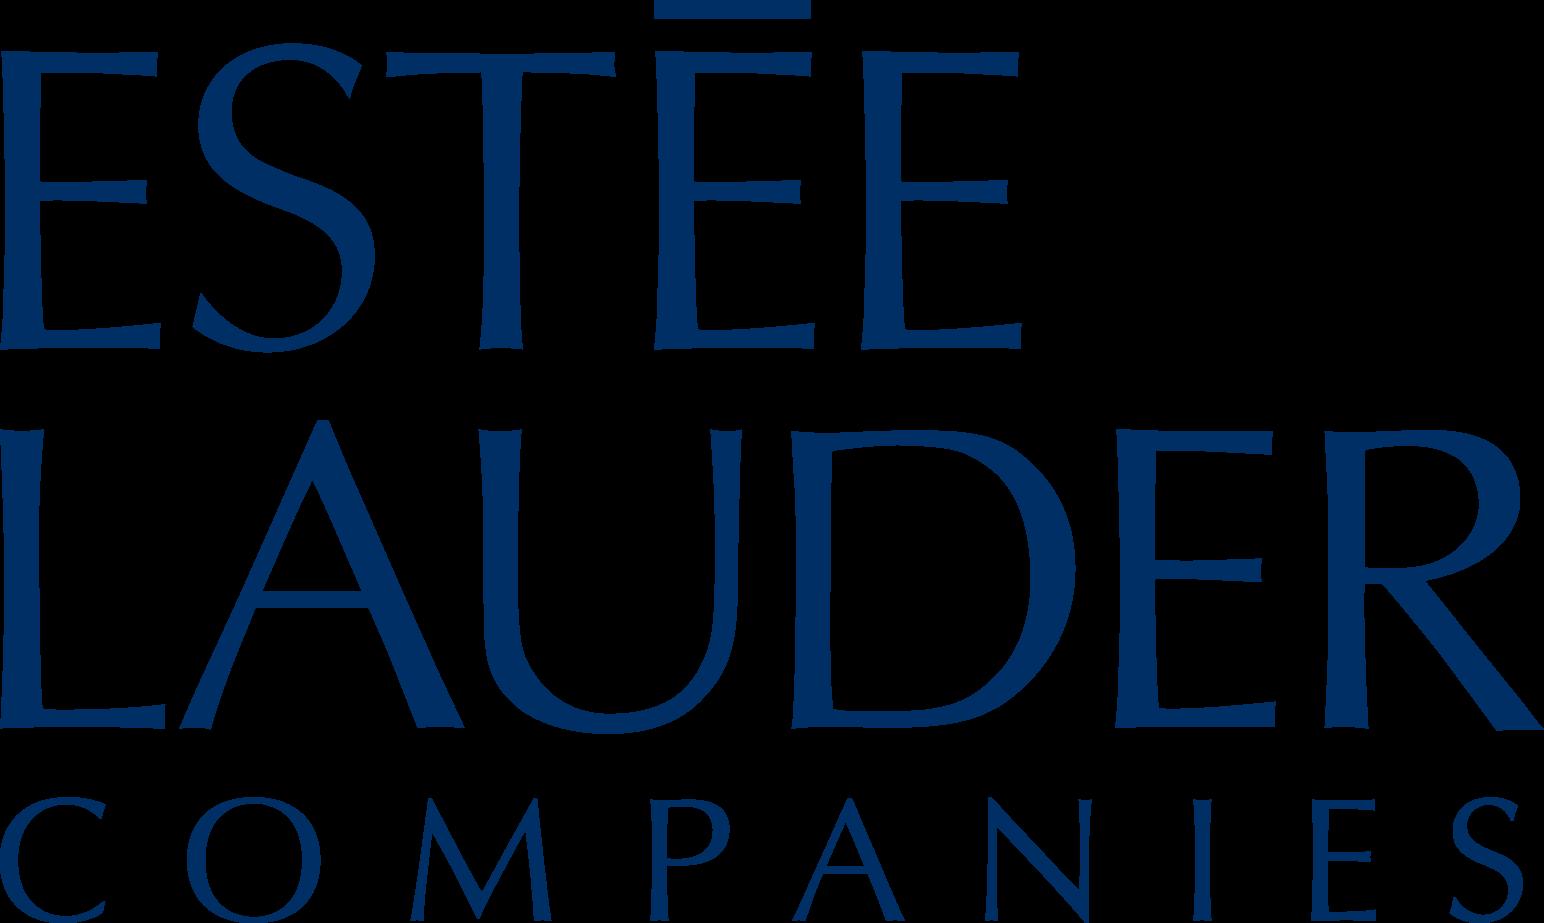 Praktikant/Intern (m/w/d) im Bereich Marketing für die Dauer von 6 Monaten - Estée Lauder Companies Deutschland - Logo